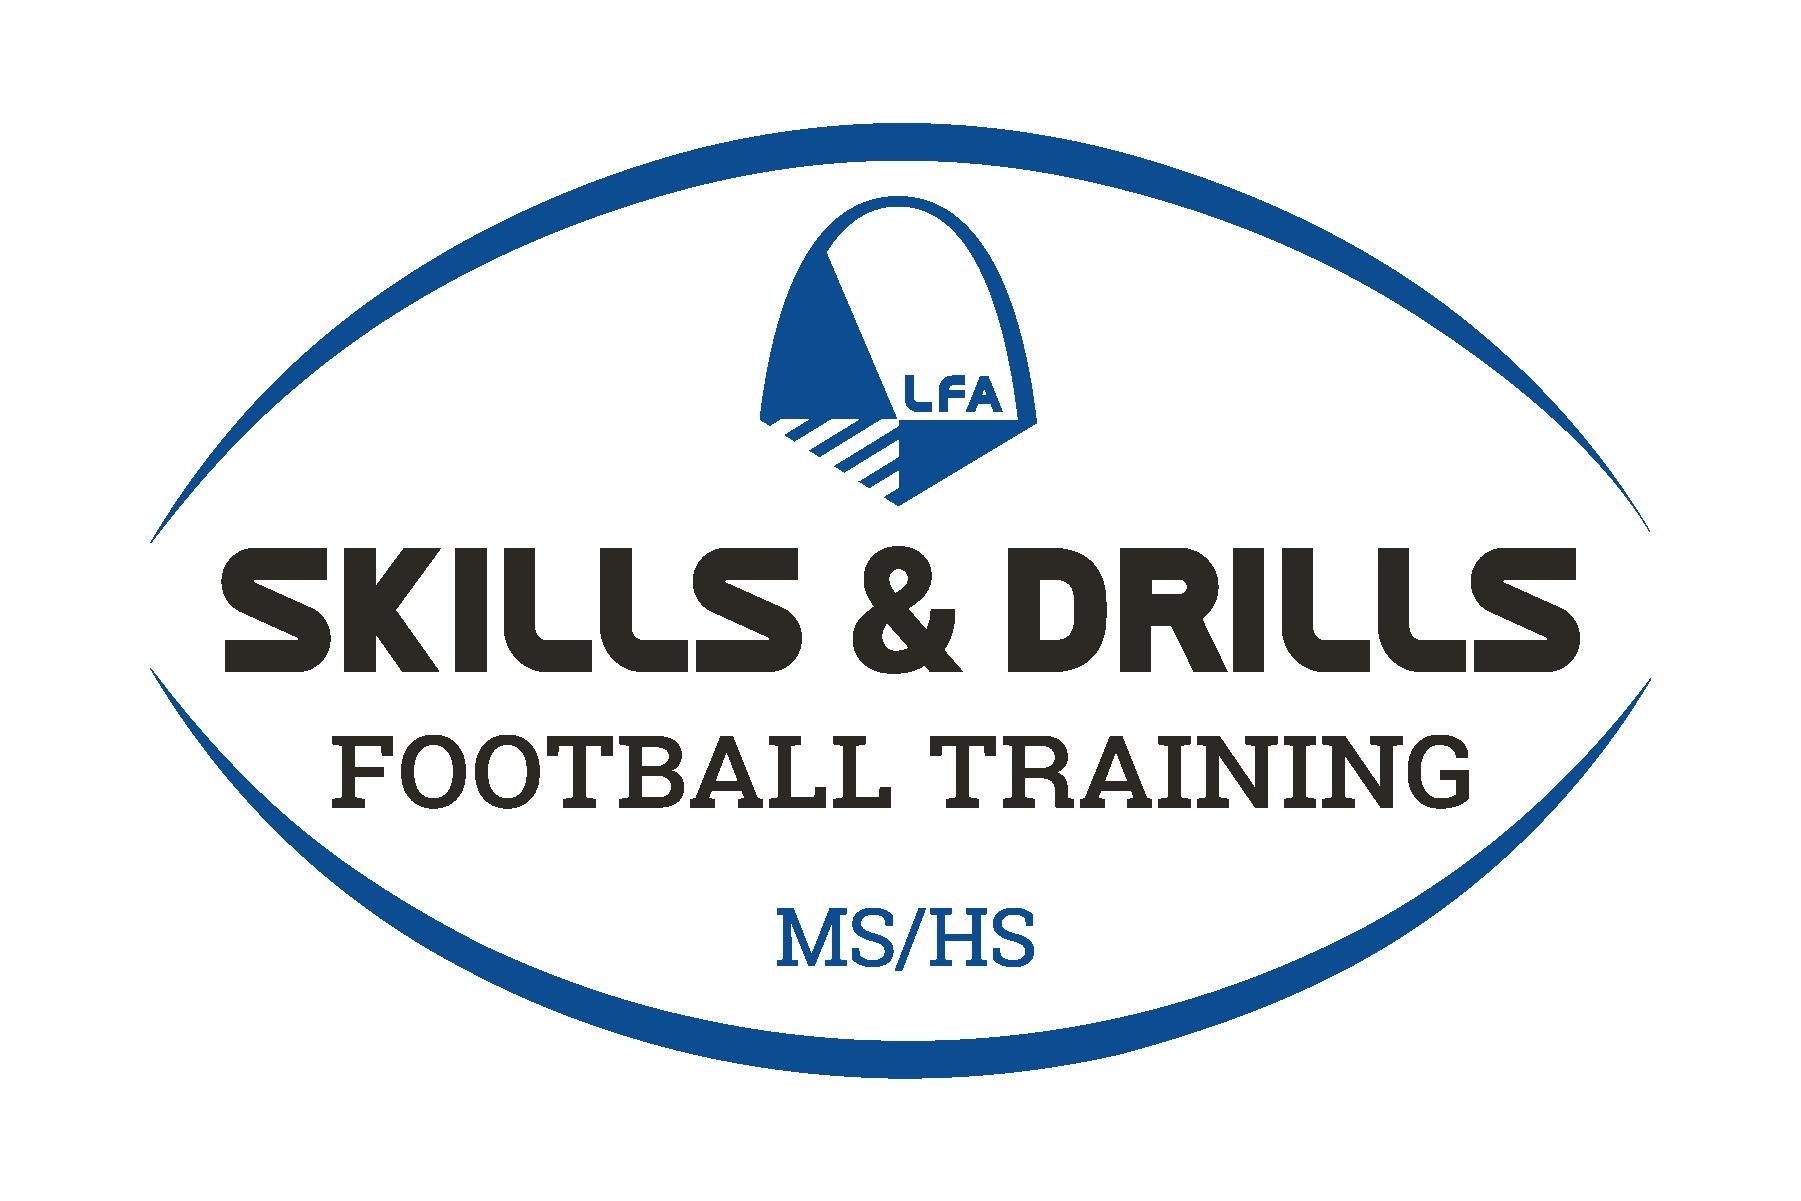 LFA-WinterSkills&Drills_MsHs